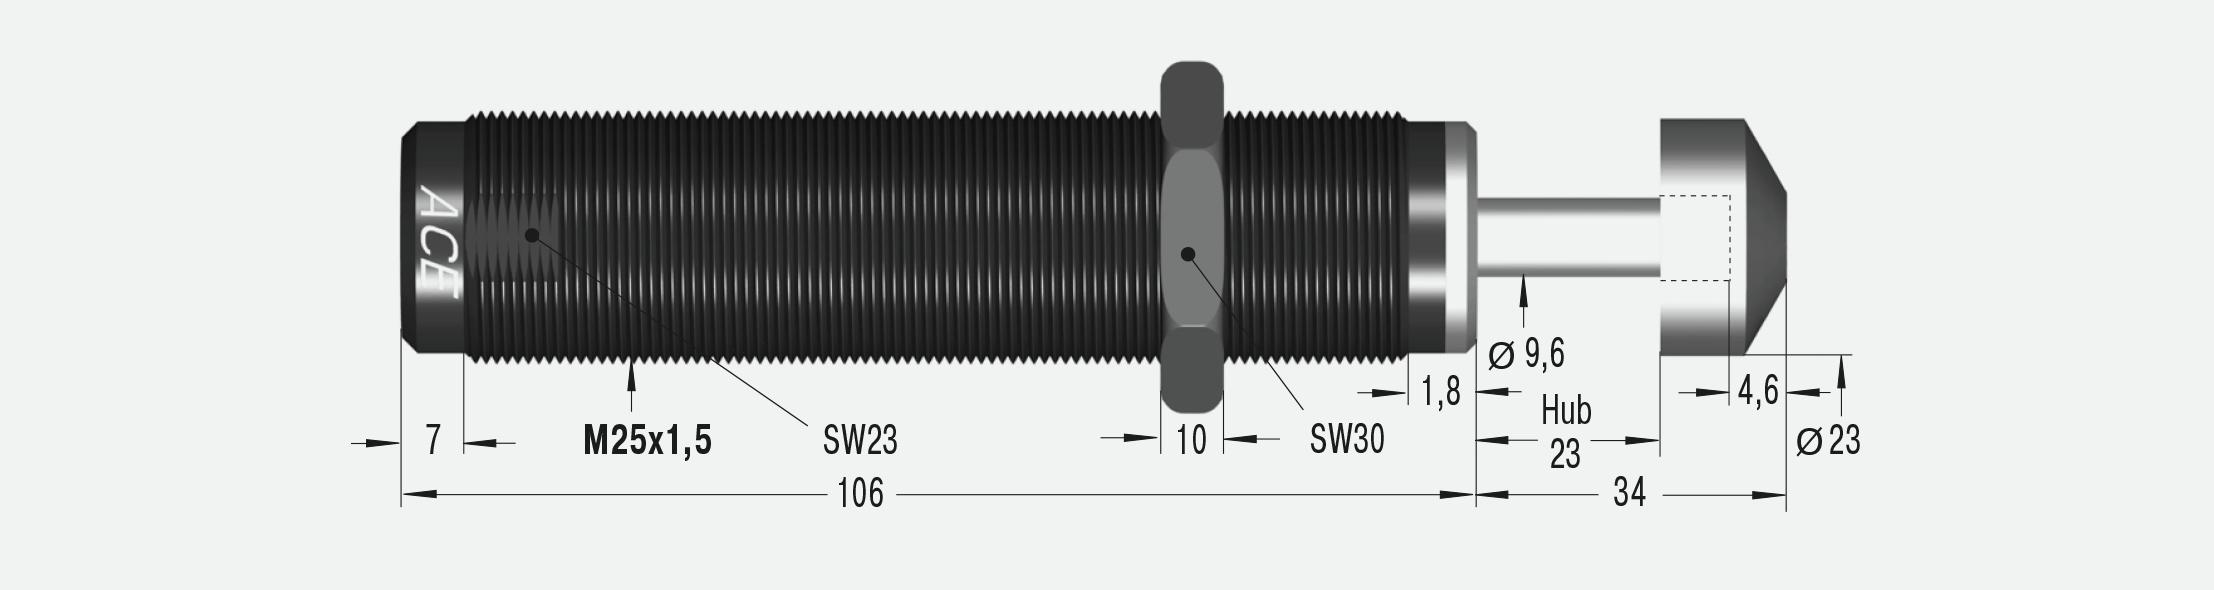 SC650EUM-9